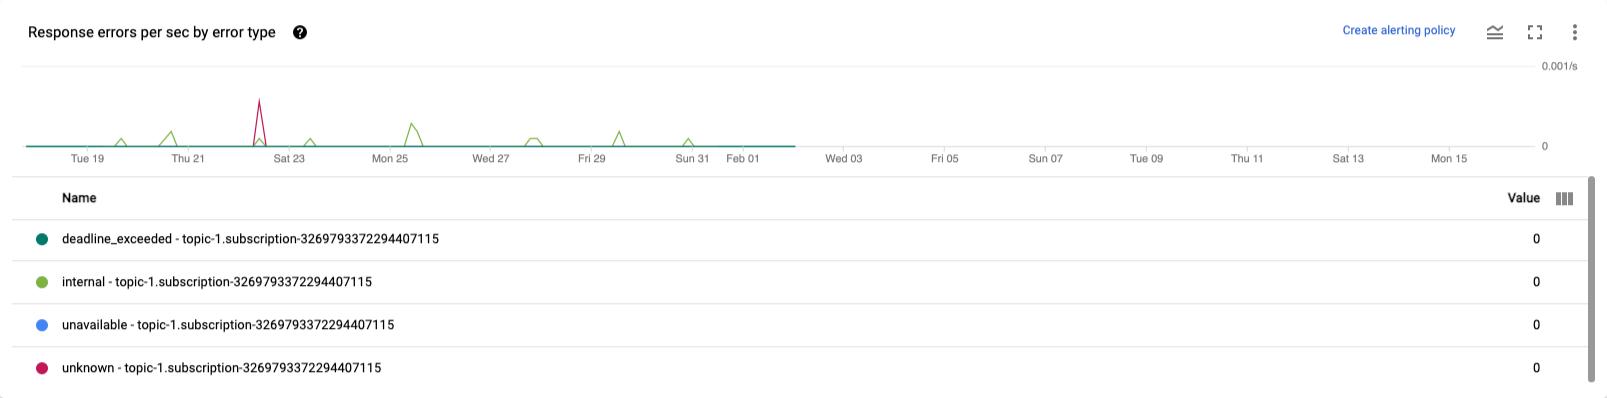 一定期間に発生したデータの読み取りまたは書き込みを行う API リクエストの失敗の頻度をソースまたはシンク別に示すグラフ。